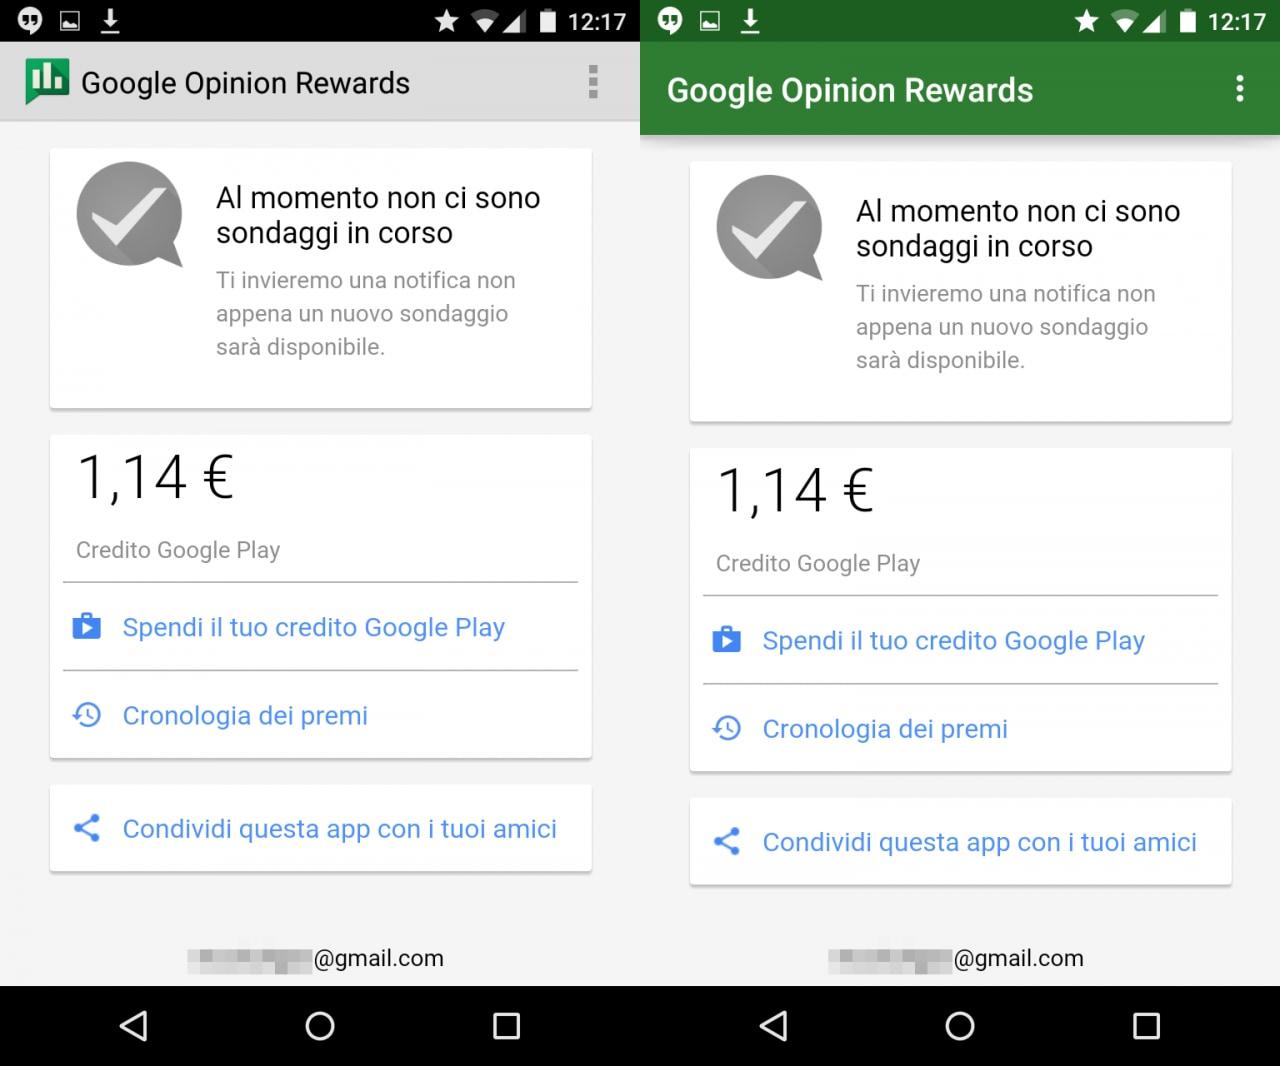 Google Opinion Rewards diventa in Material Design (ma i sondaggi non aumentano)